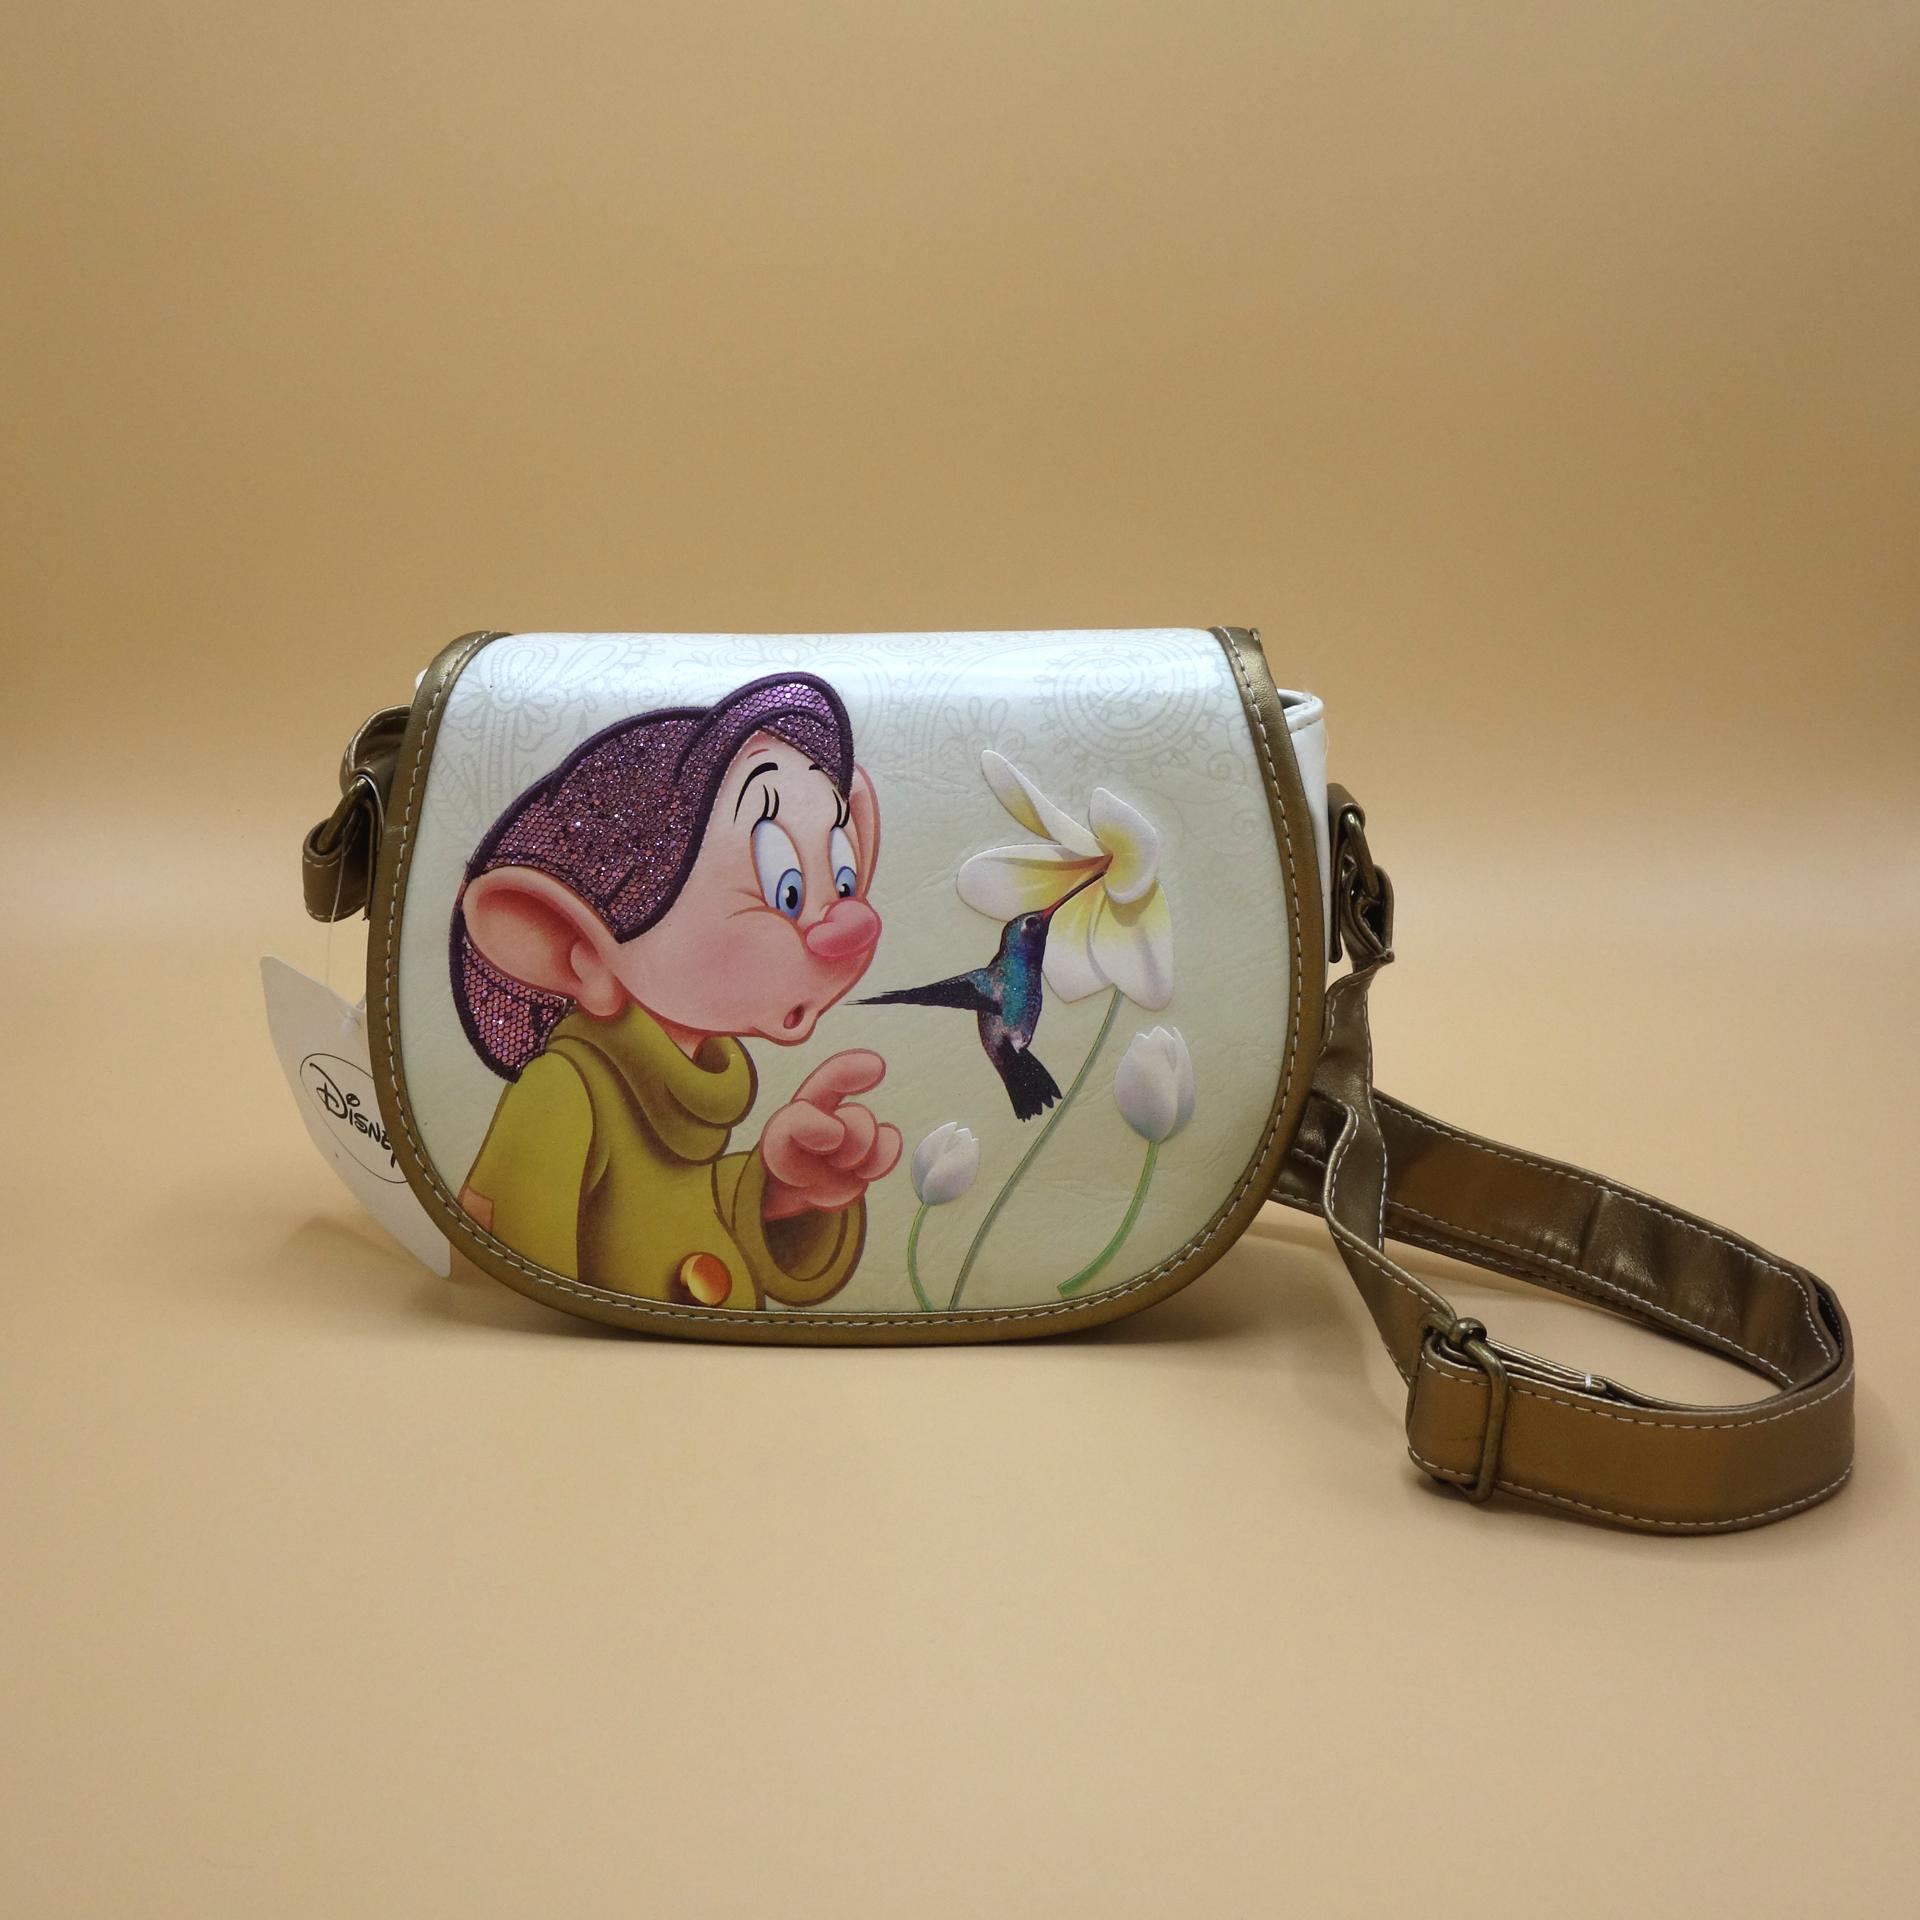 Disney Handtasche 7 Zwerge Dopey